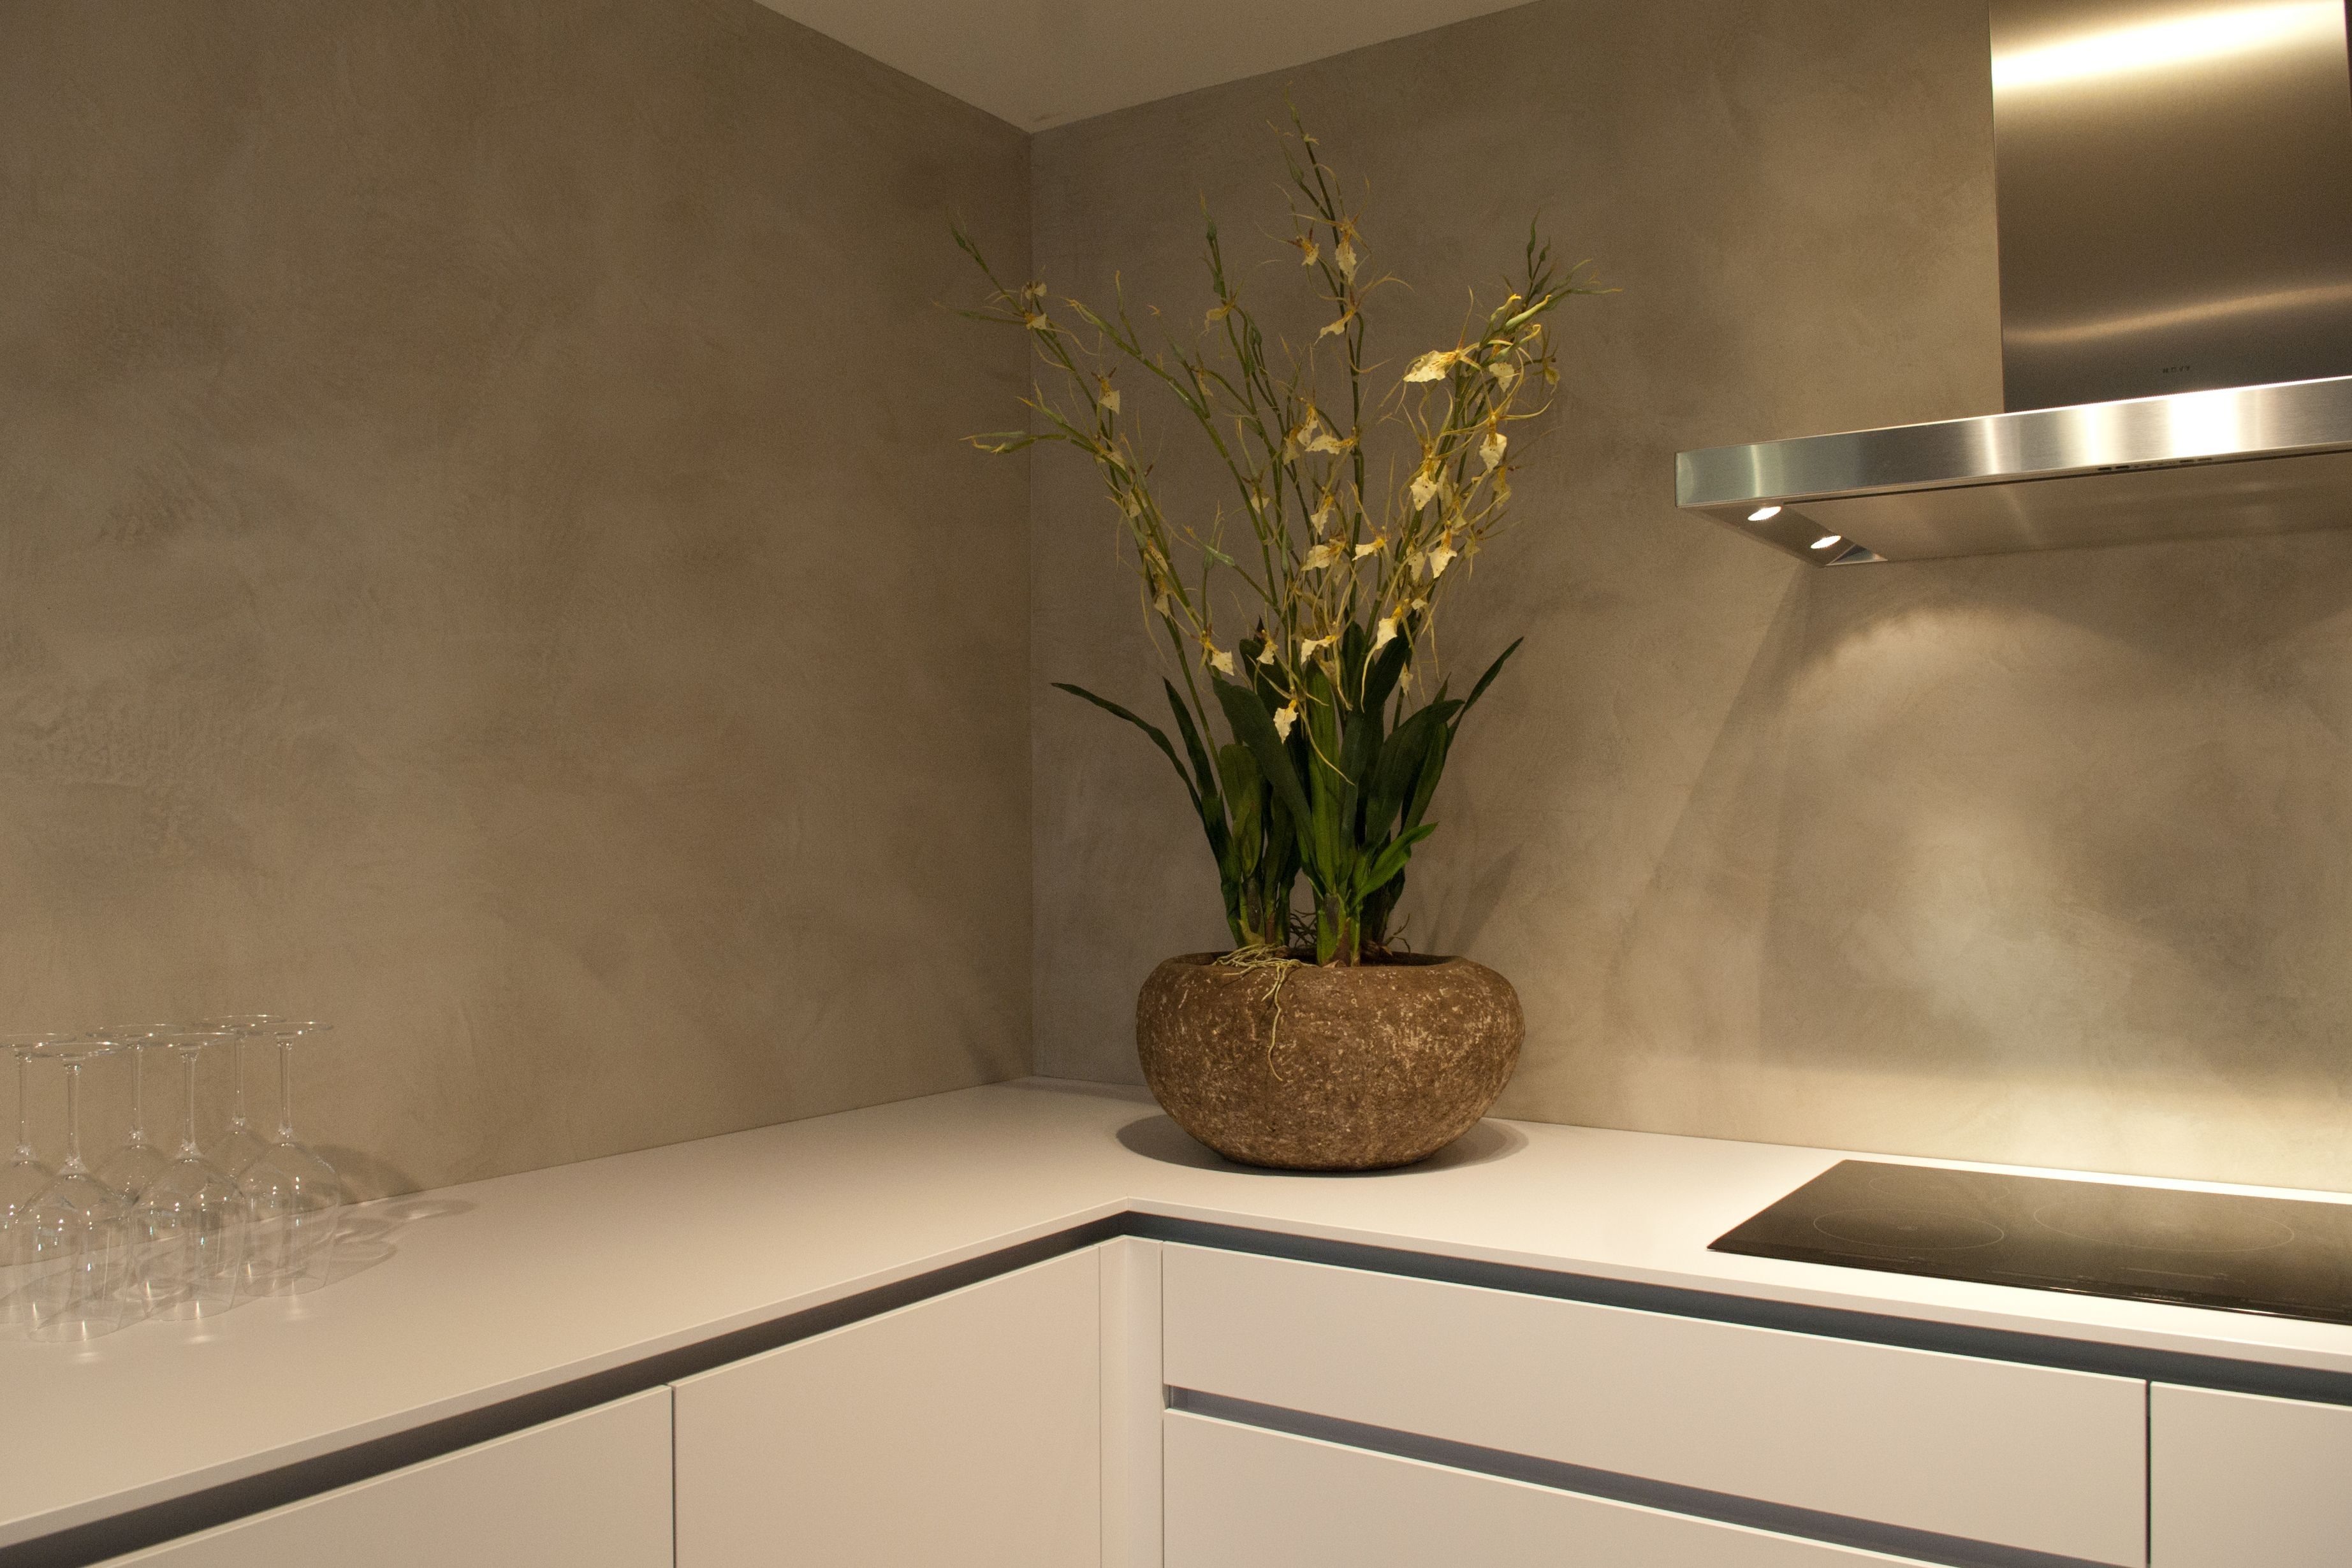 Keukenwand in verbau betonstuc lichte rivierklei te zien in